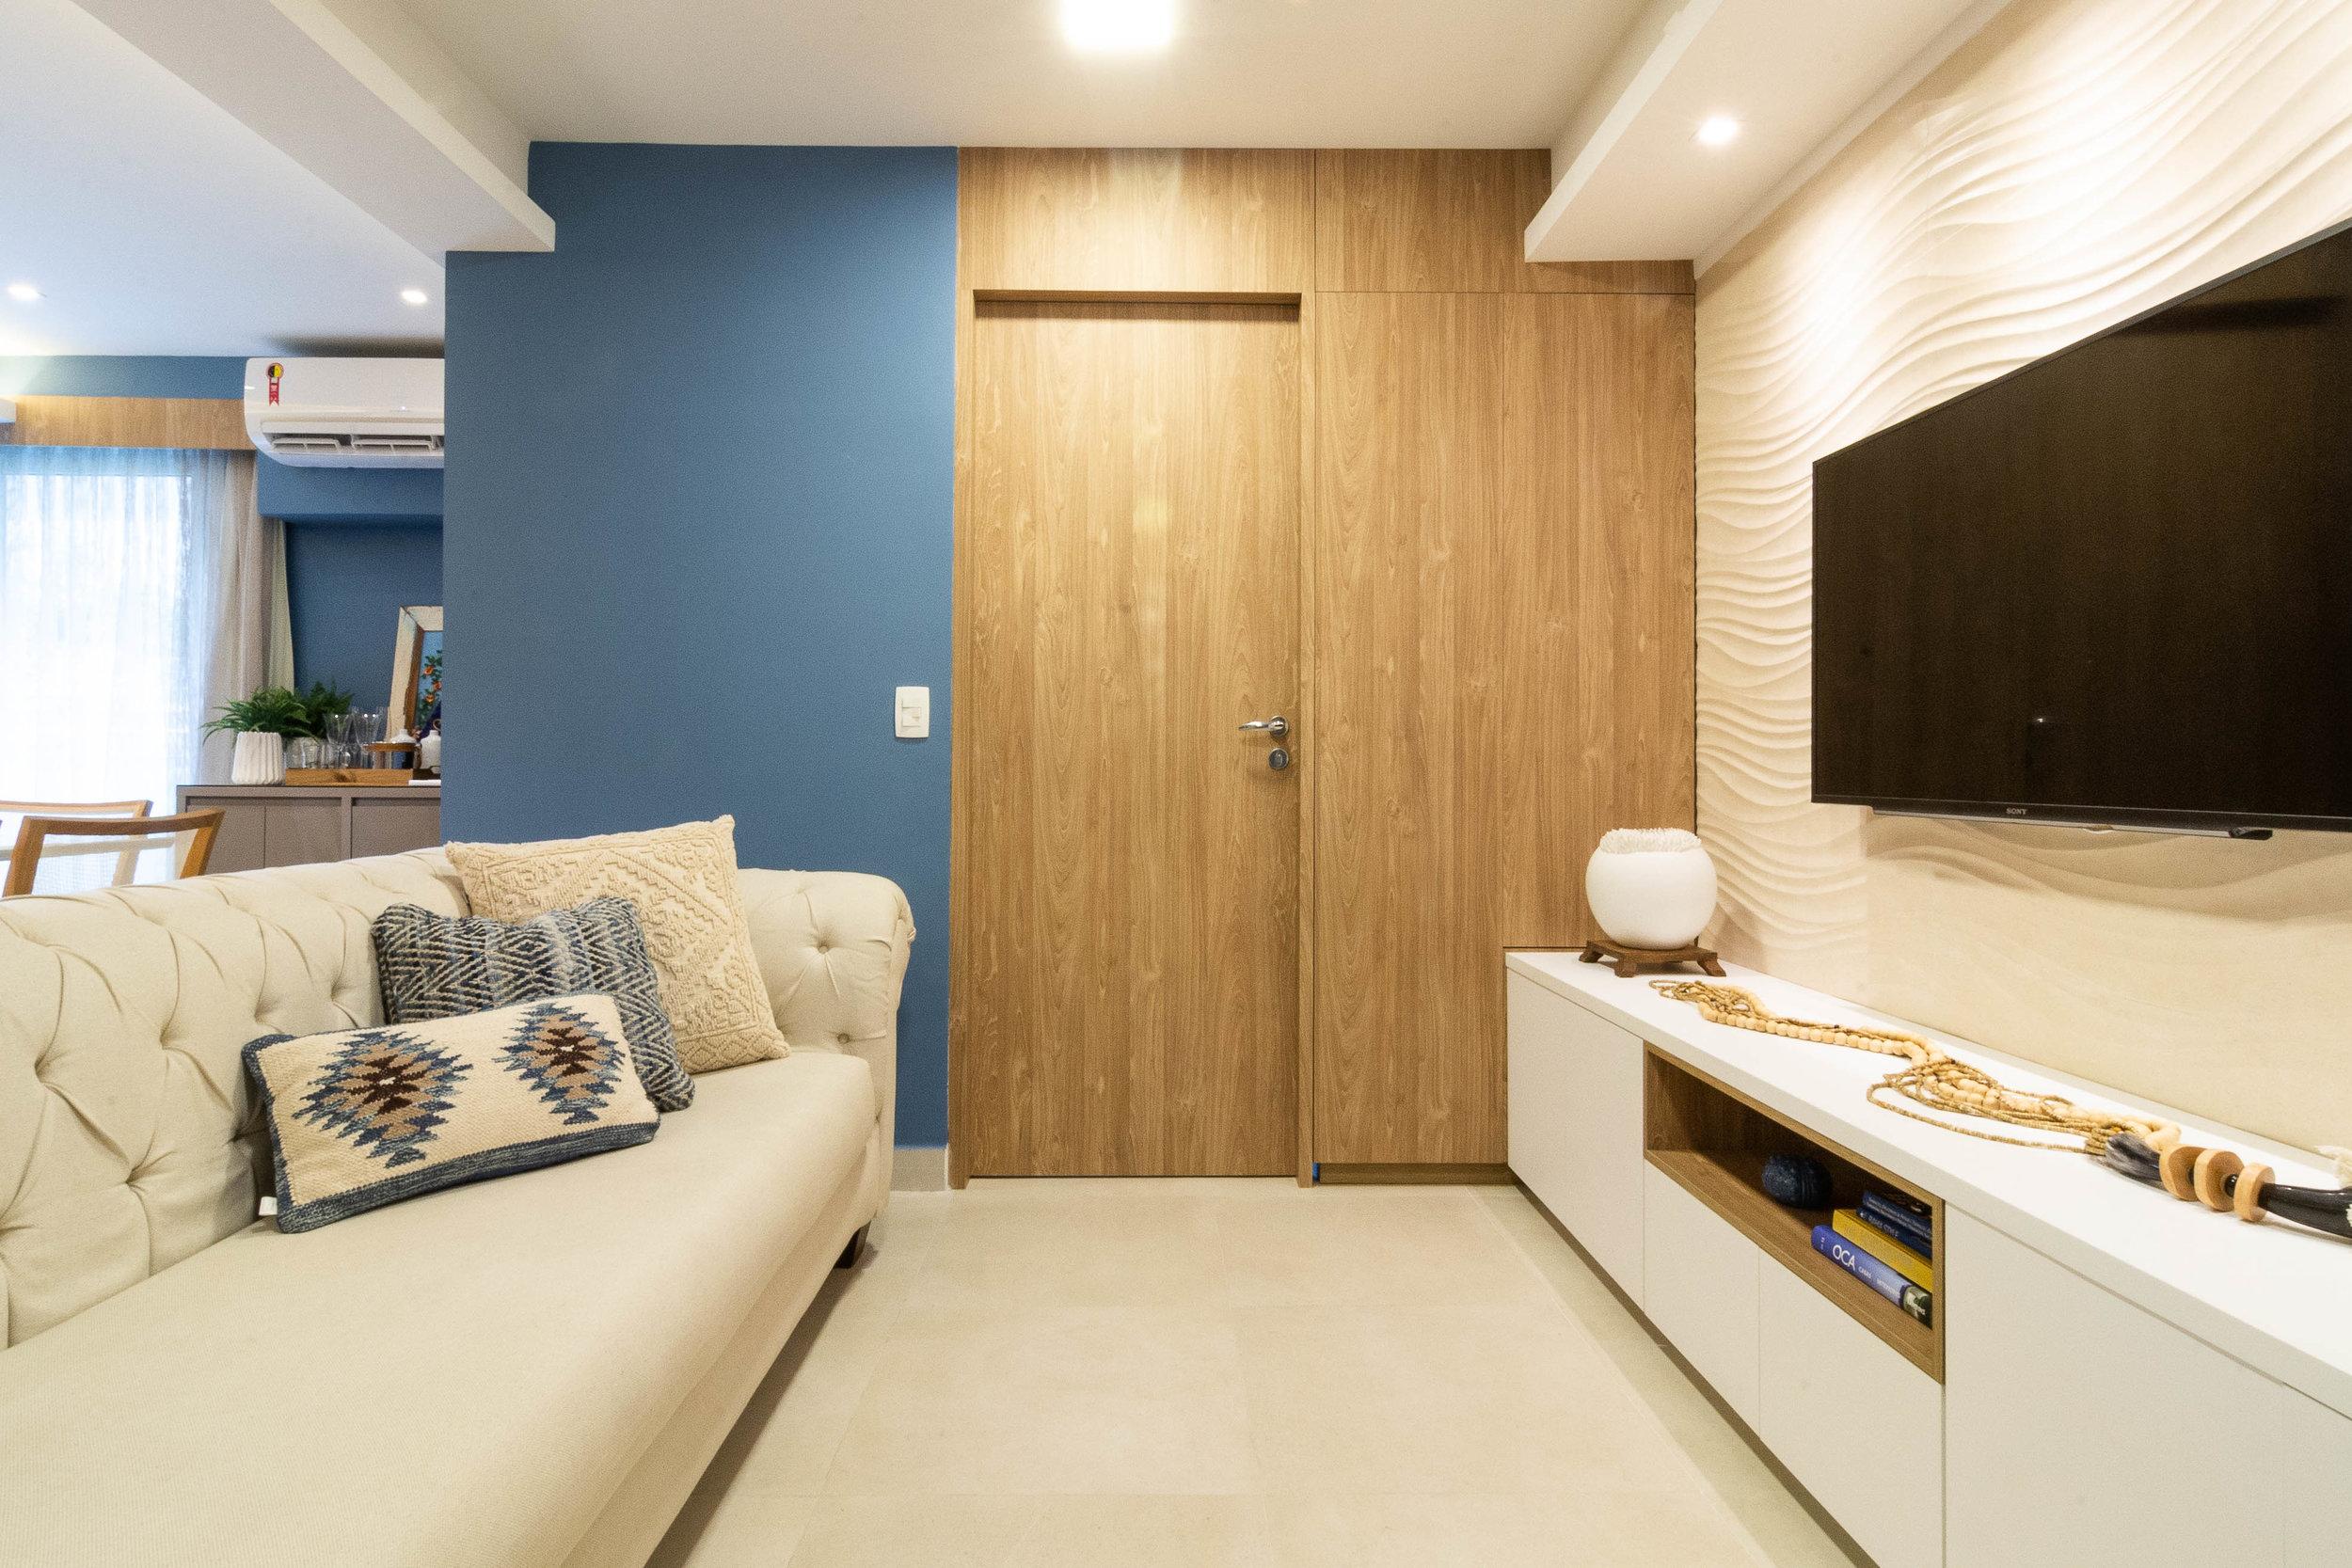 projeto-arquitetonico-luciananilton-duo-arquitetura-apartamentos-praia-01.jpg